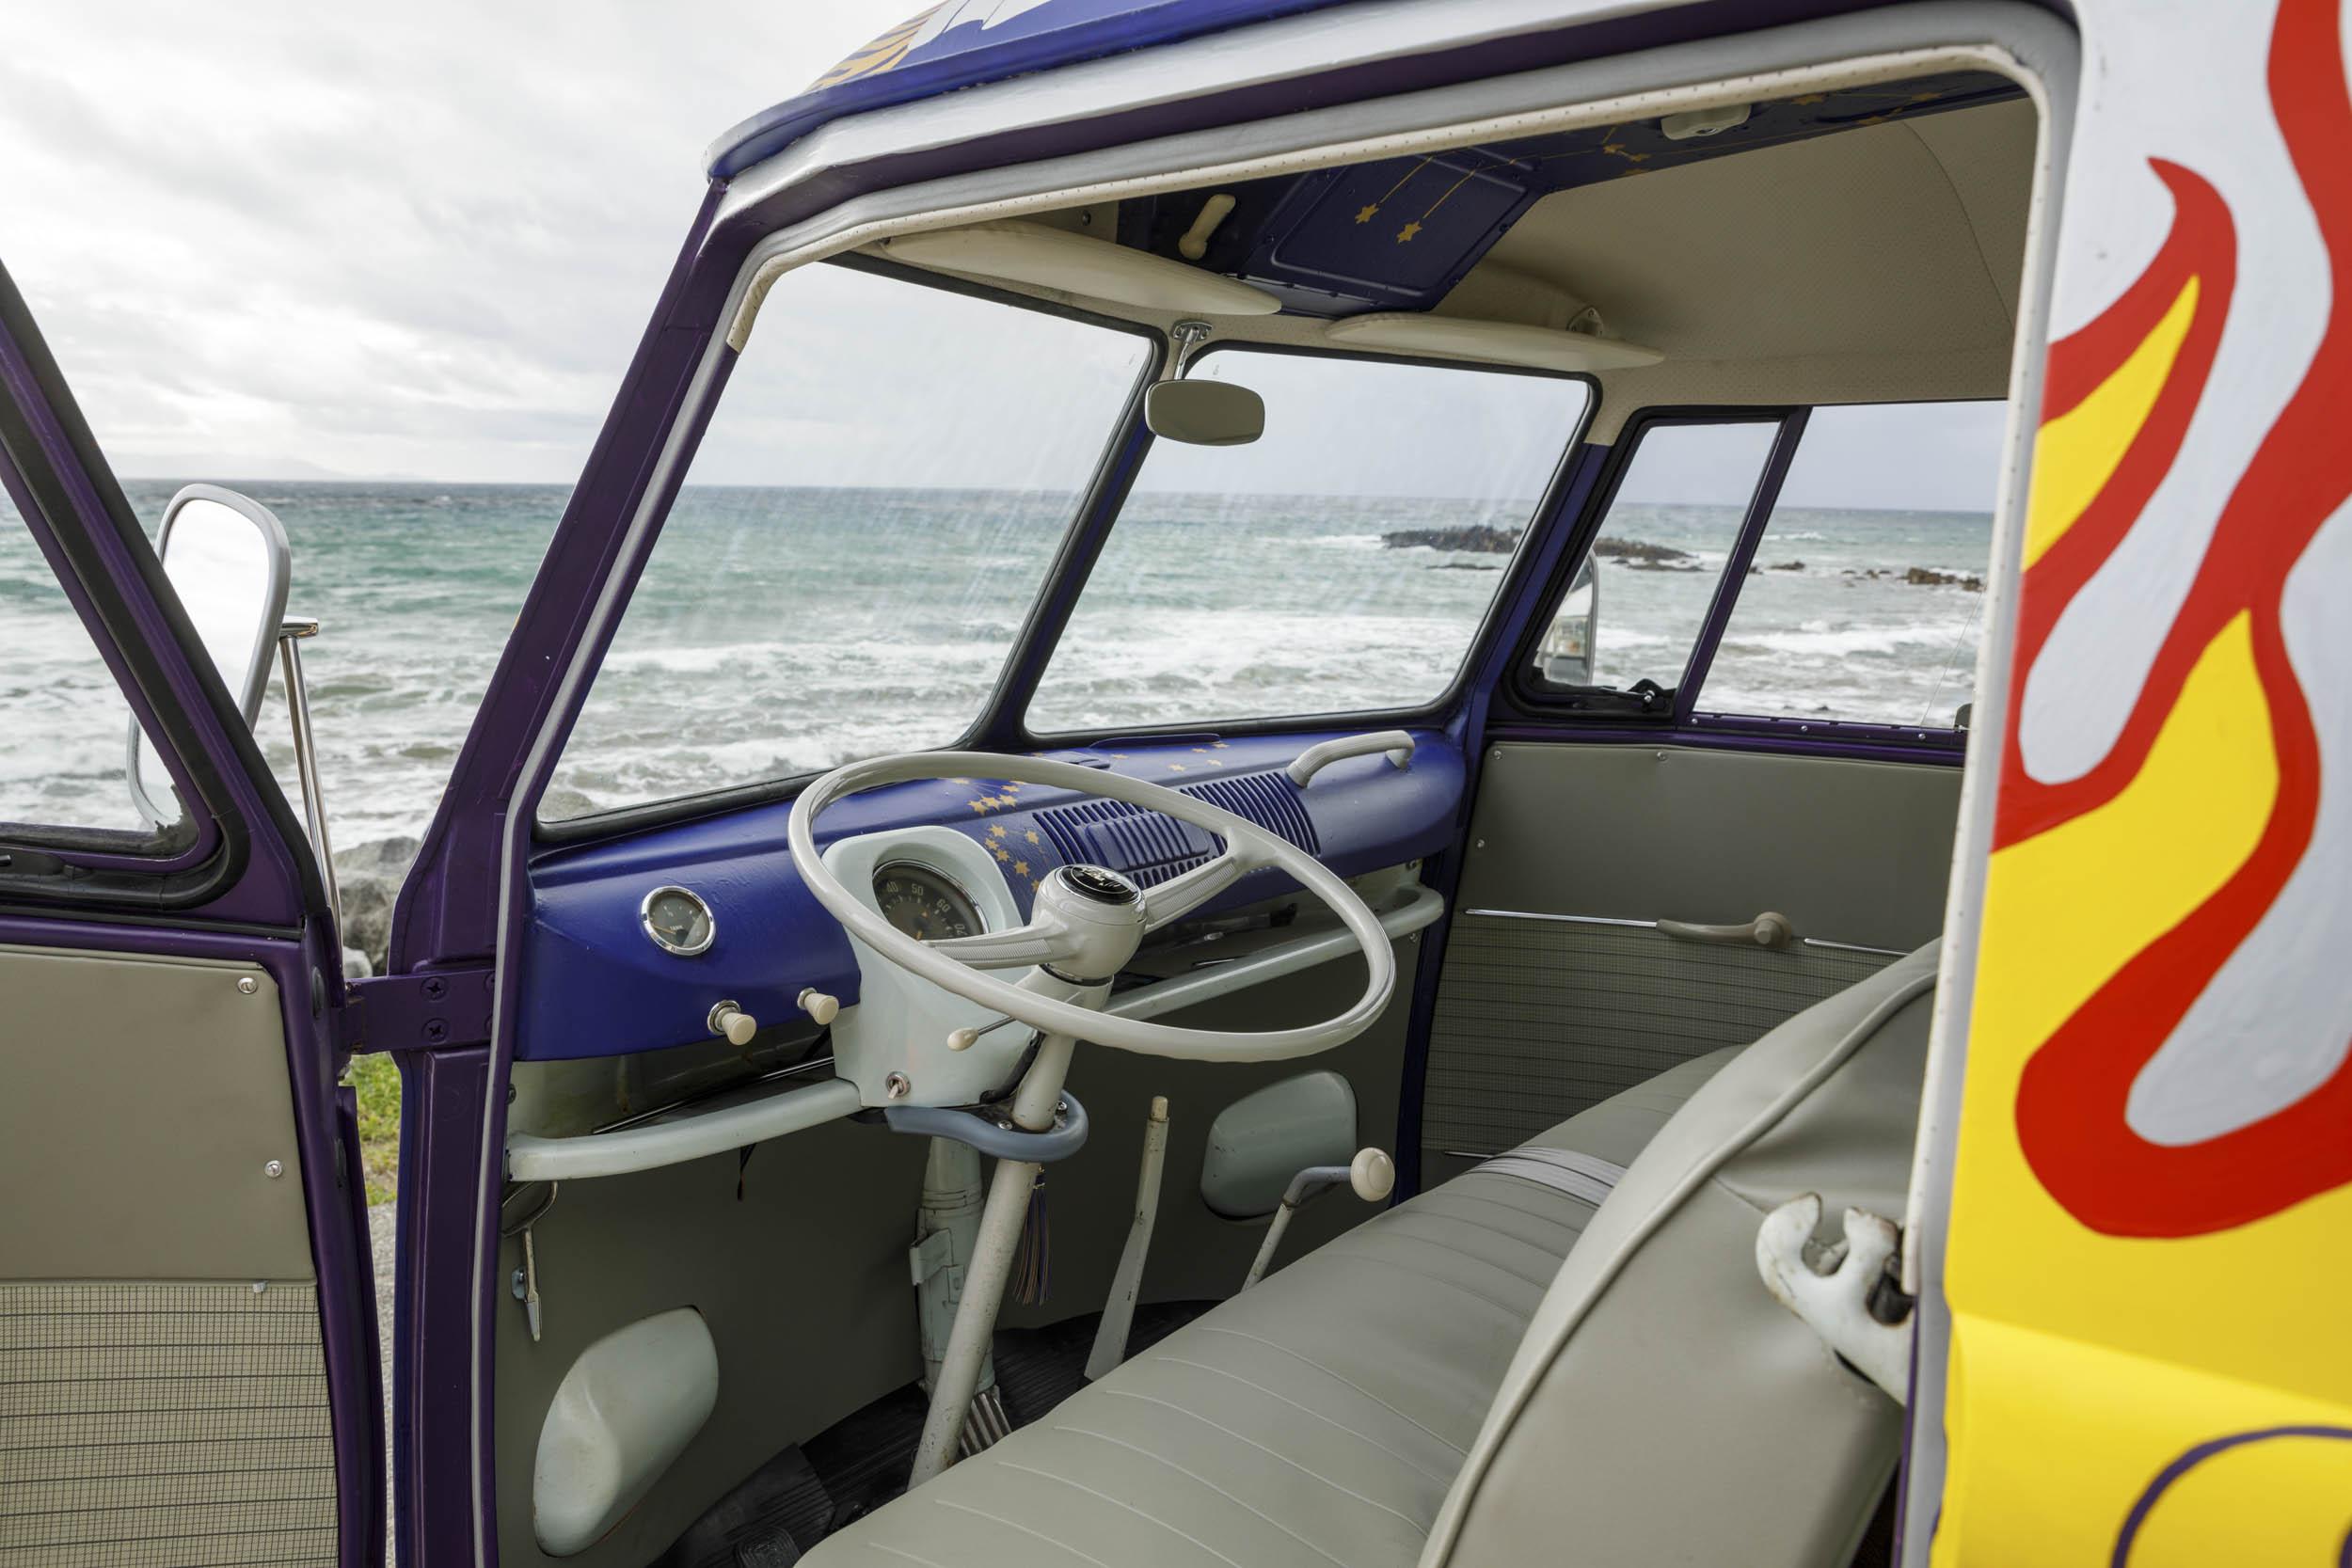 Volkswagen Type 2 'Light' bus interior